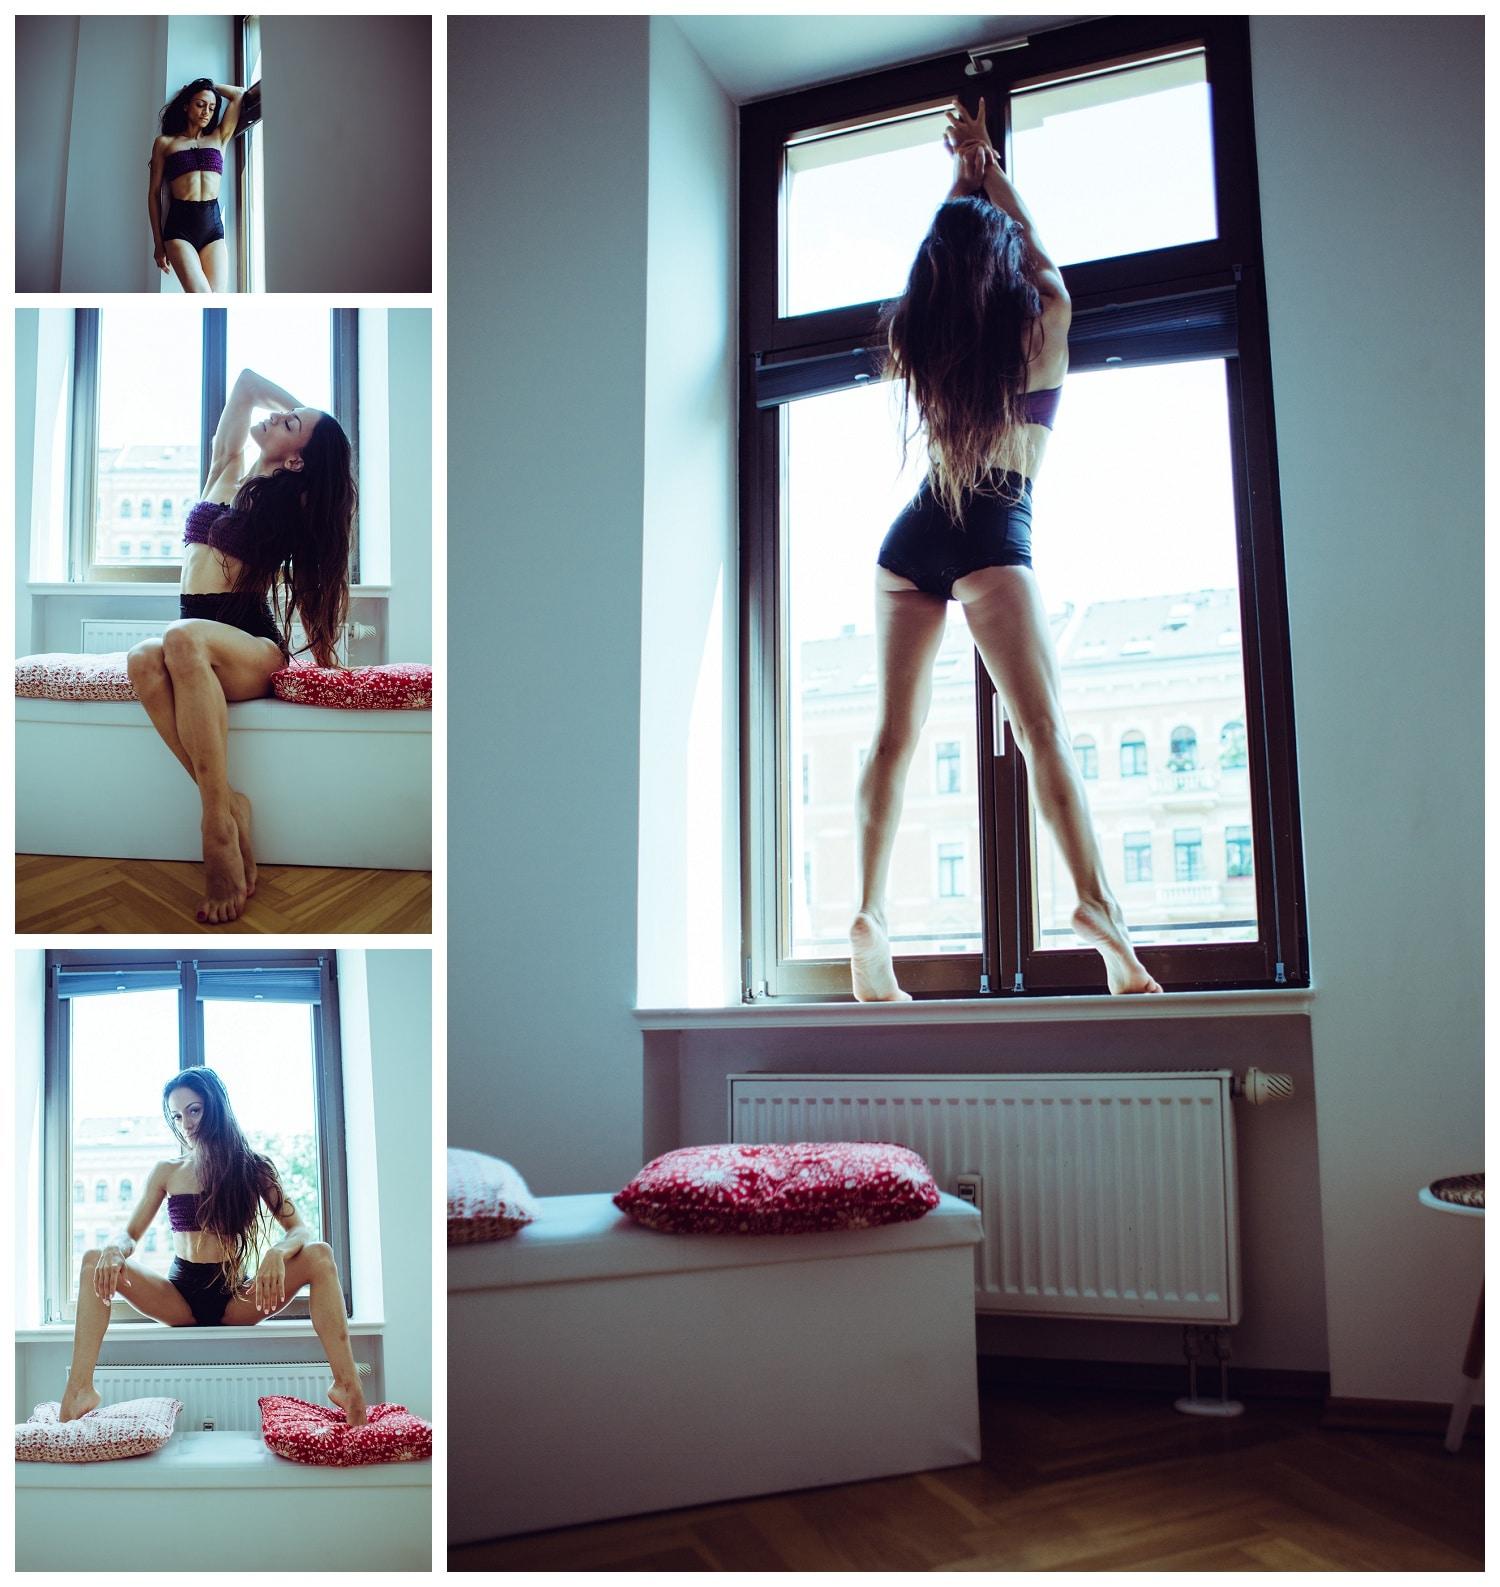 Home_Rania-3515